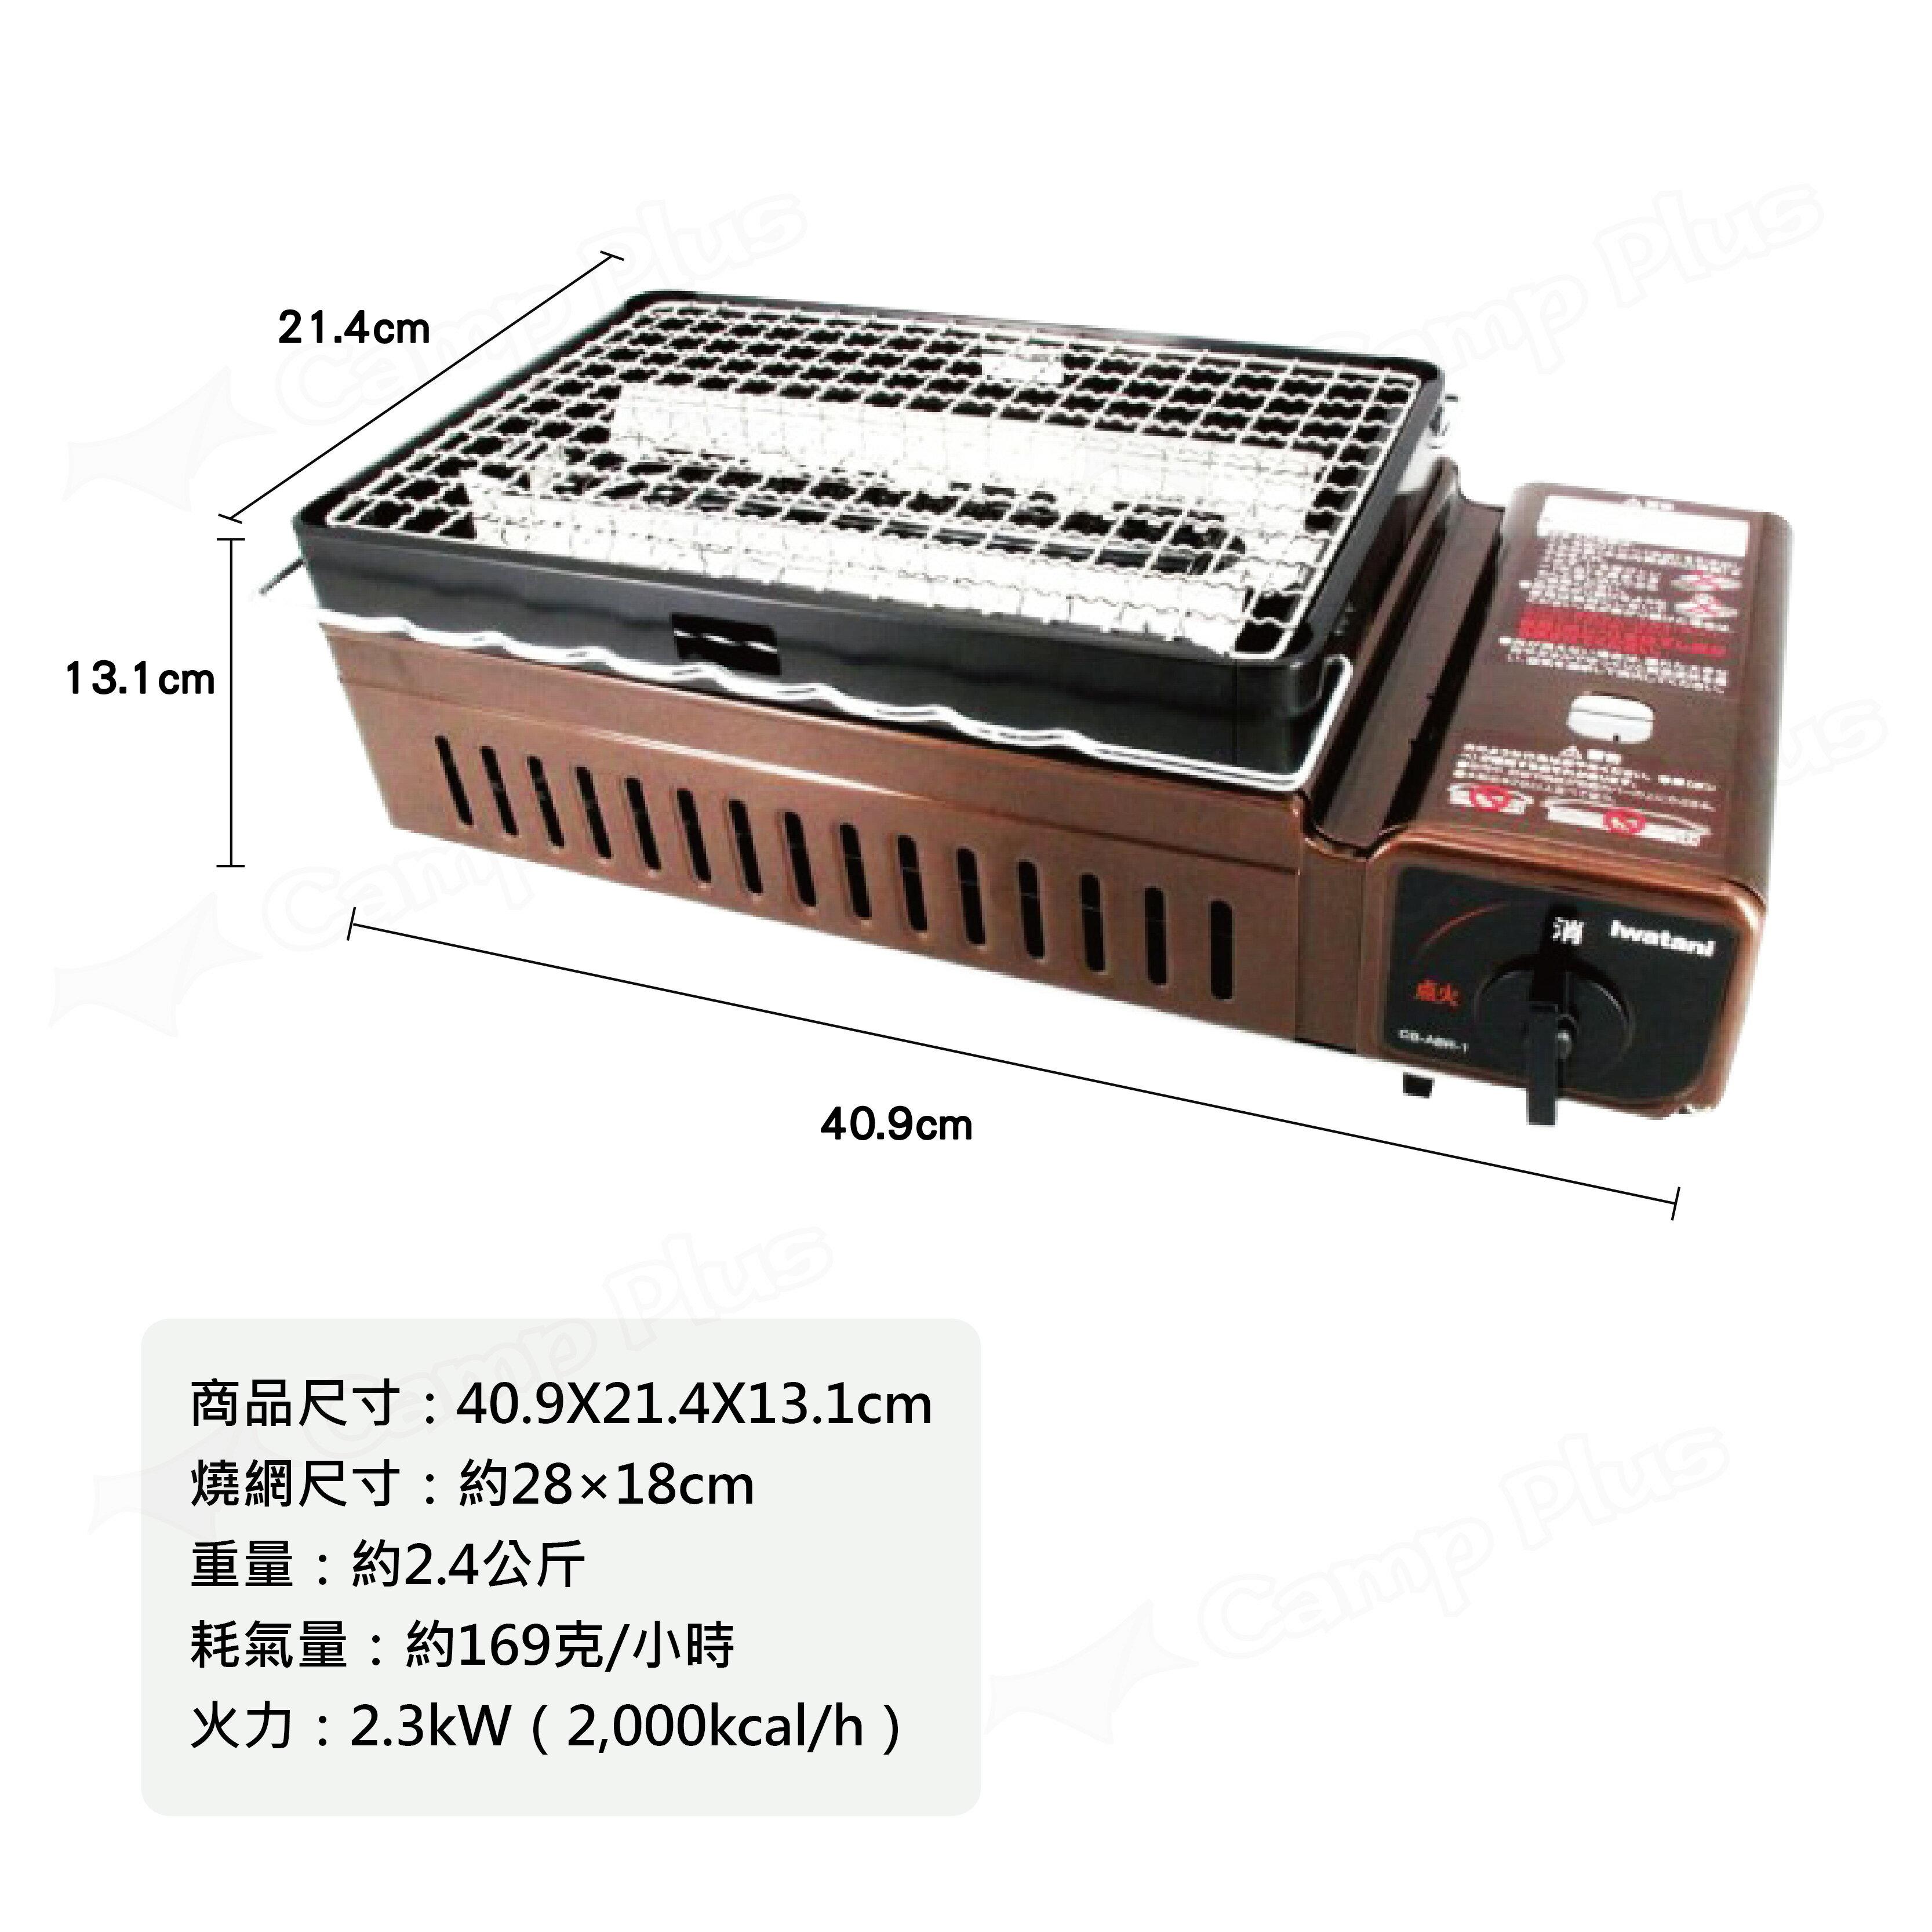 【贈岩谷瓦斯罐】IWATANI 日本岩谷 烤爐大將 燒鳥 卡式瓦斯烤肉爐(日本製)  CB-ABR-1 5